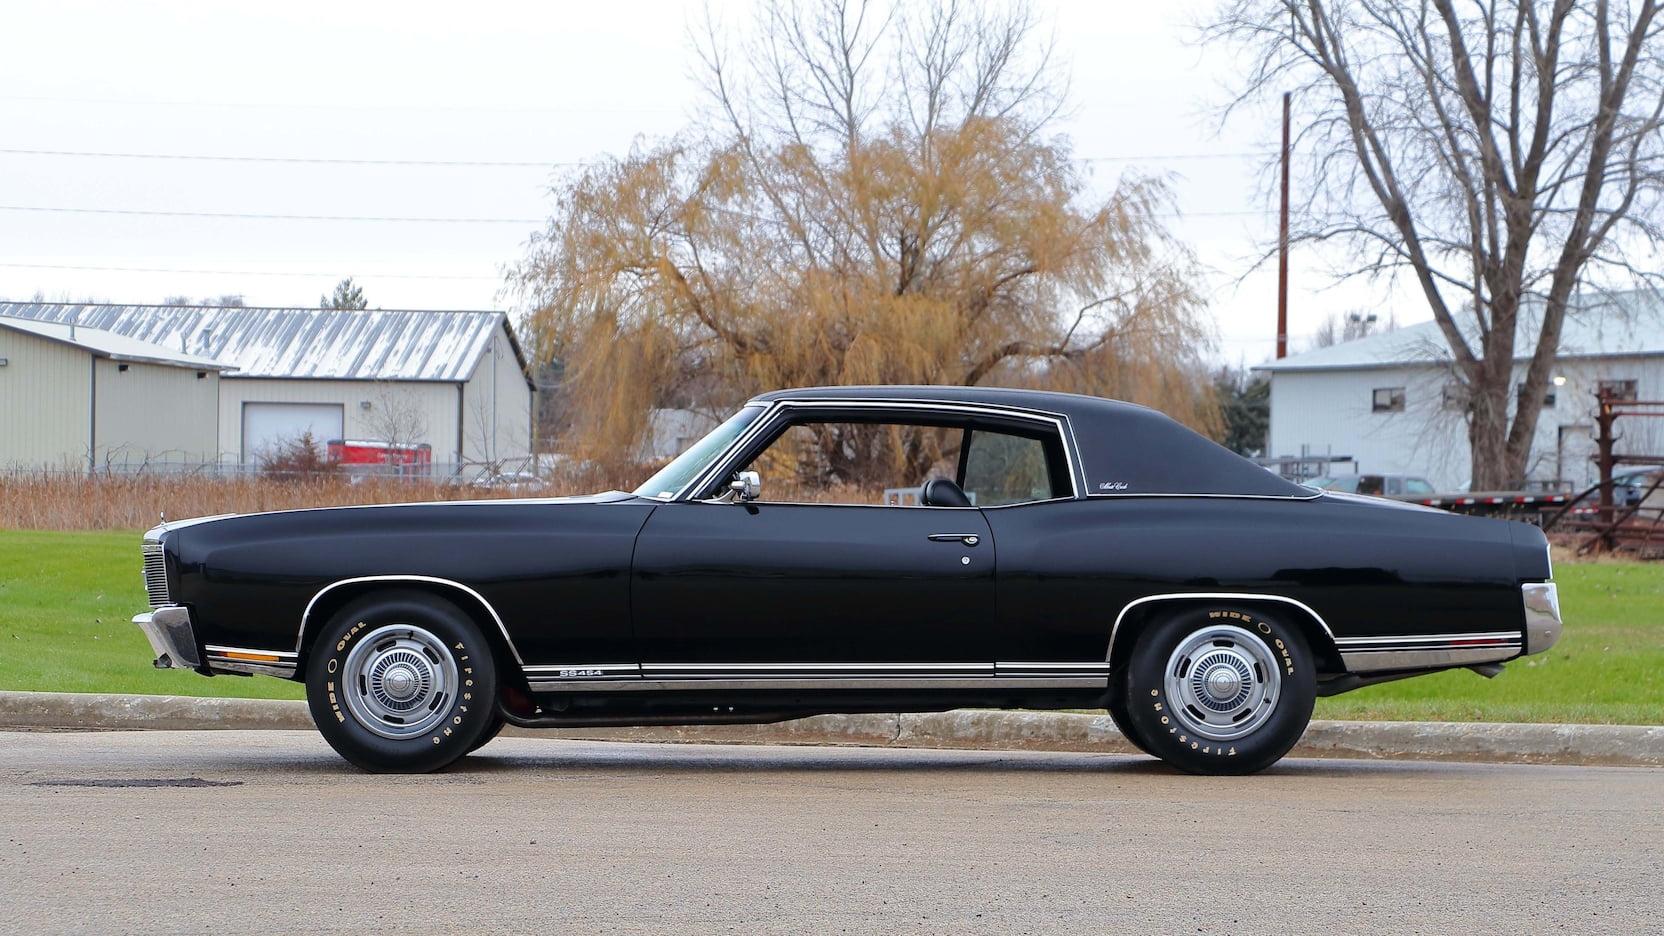 1971 Chevrolet Monte Carlo SS profile